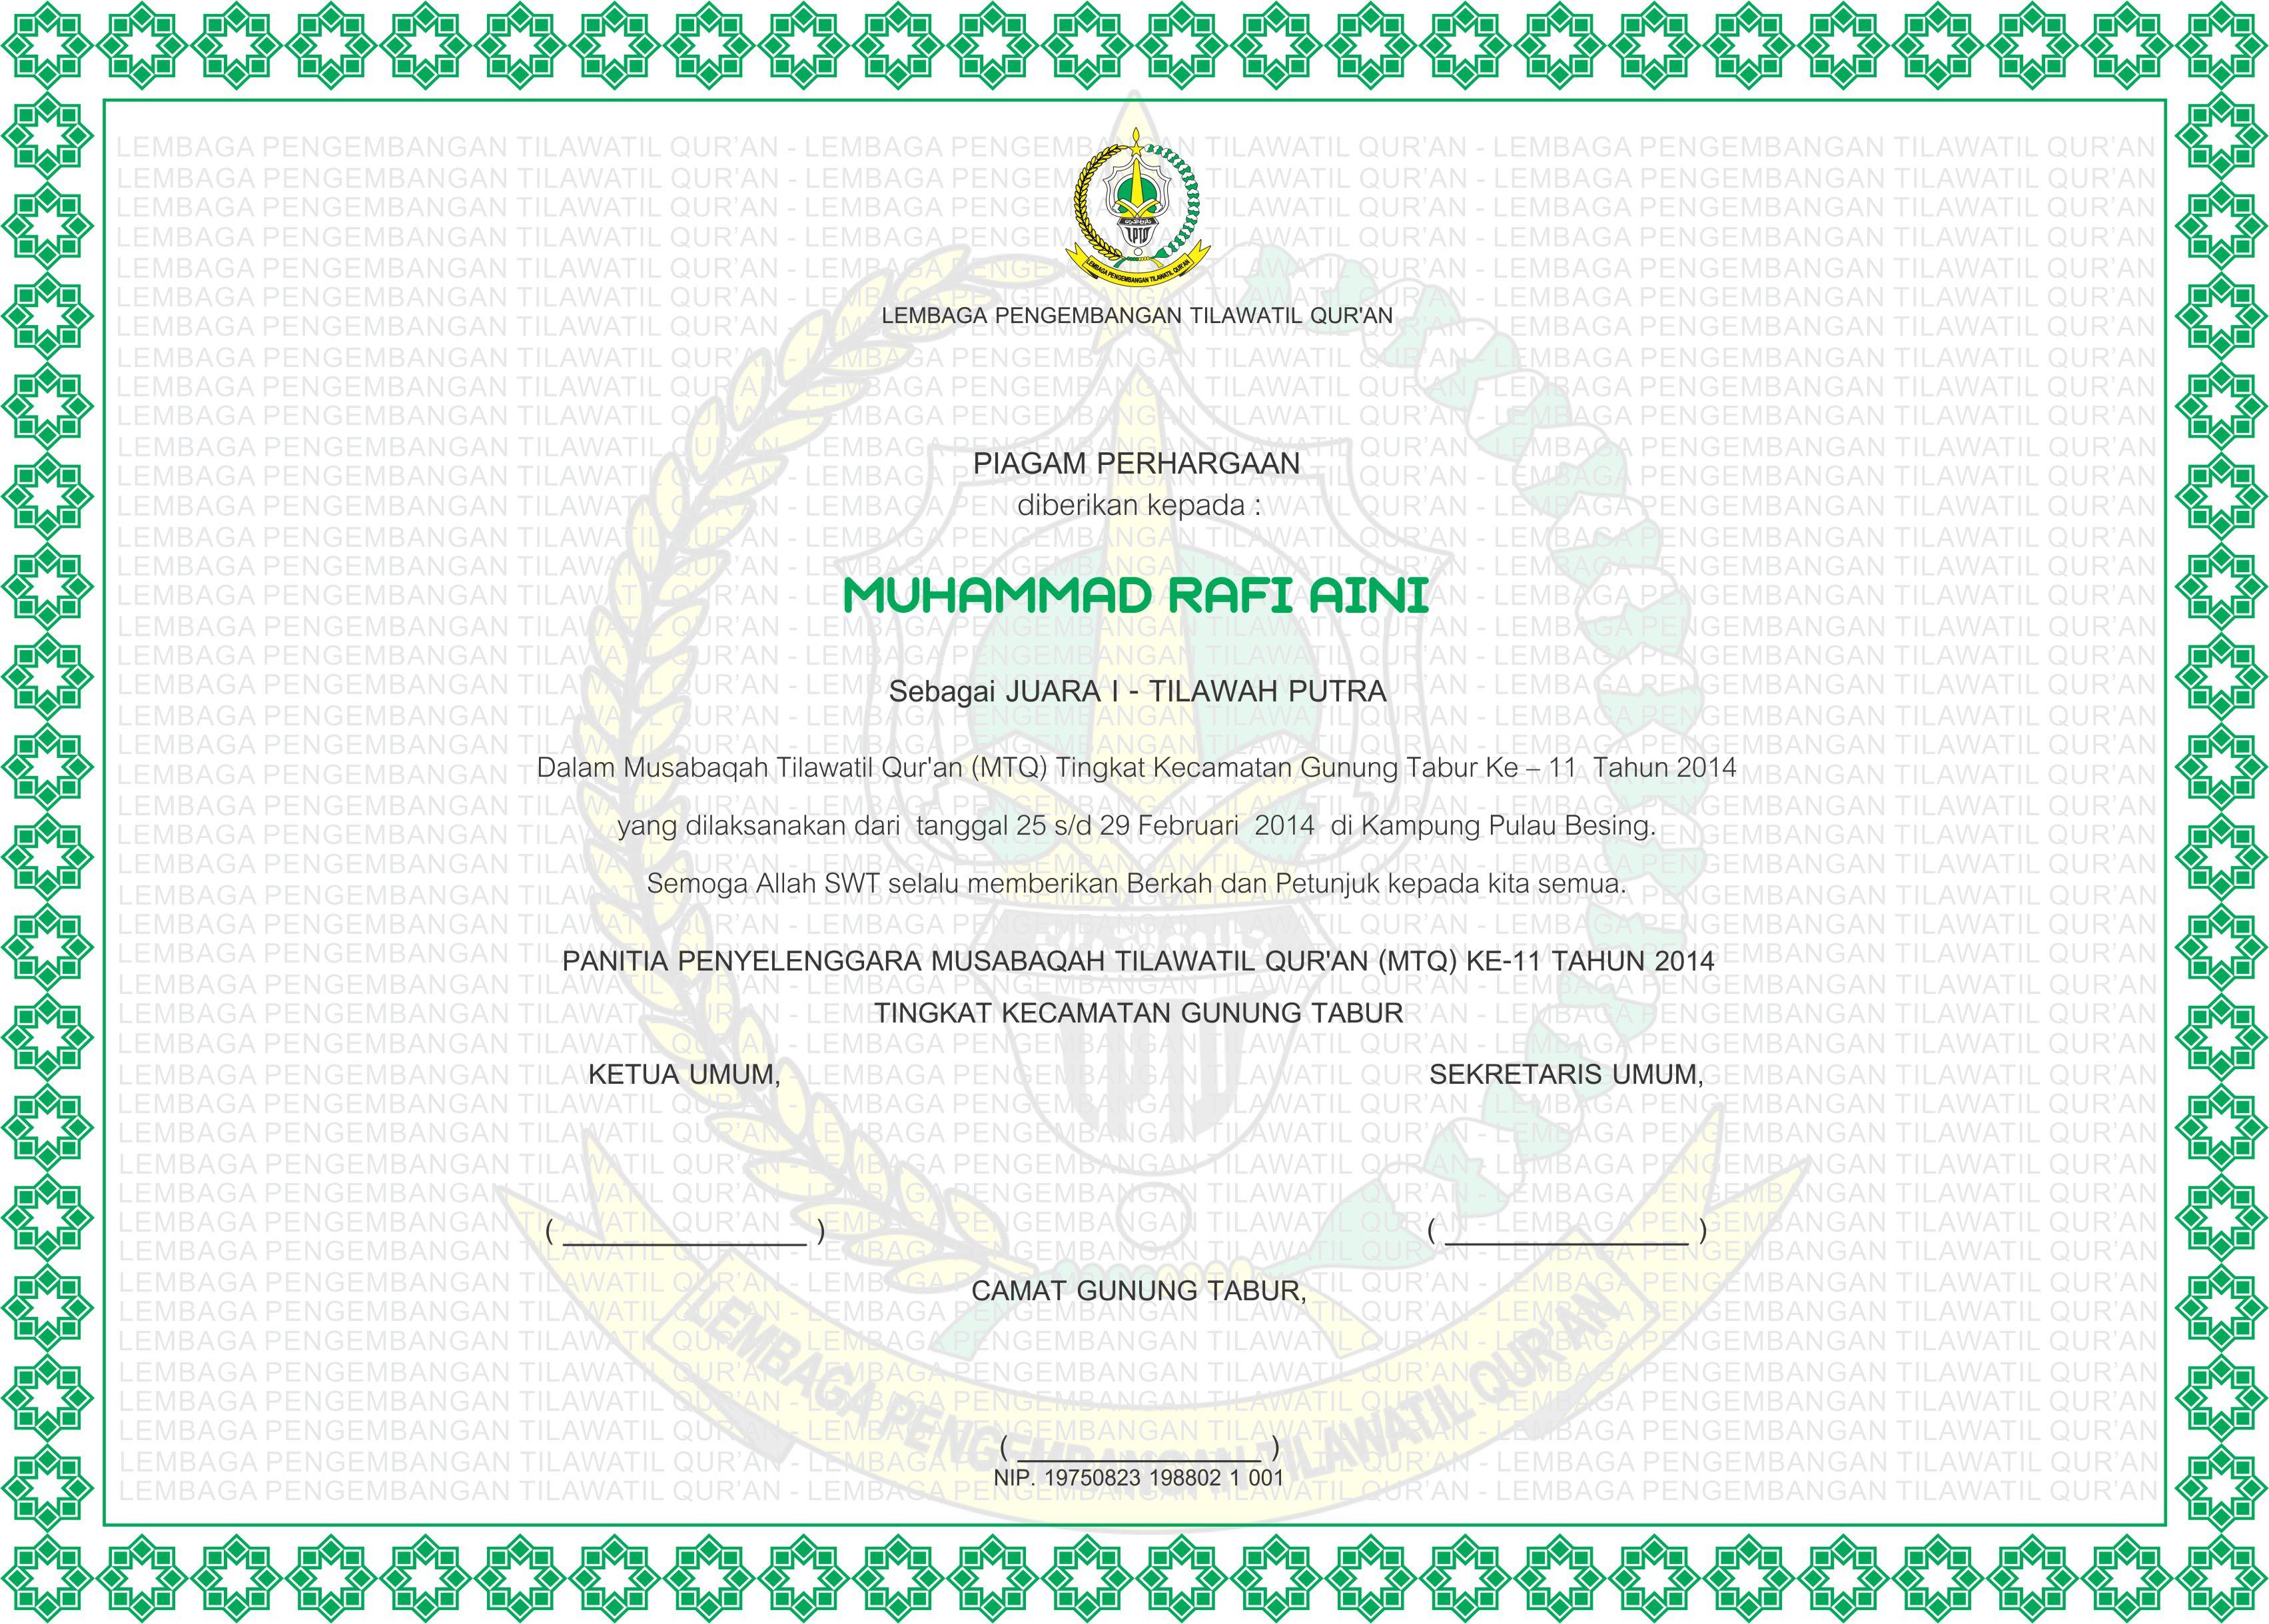 3406 X 2438 1154 KB Jpeg Aneka Contoh Piagam Penghargaan LPTQ